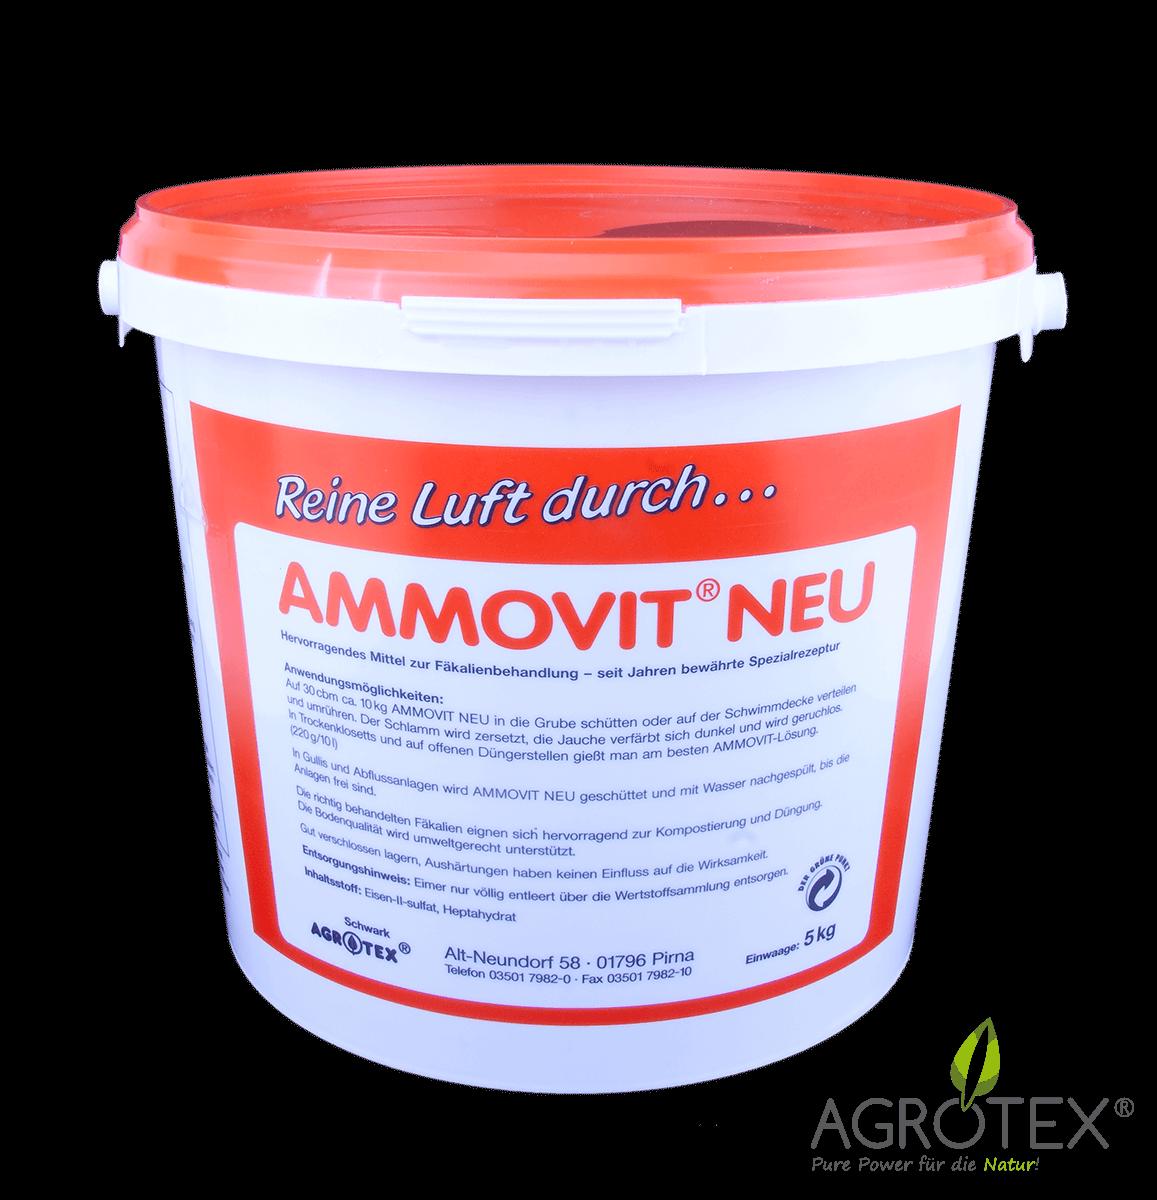 5 kg AMMOVIT® NEU